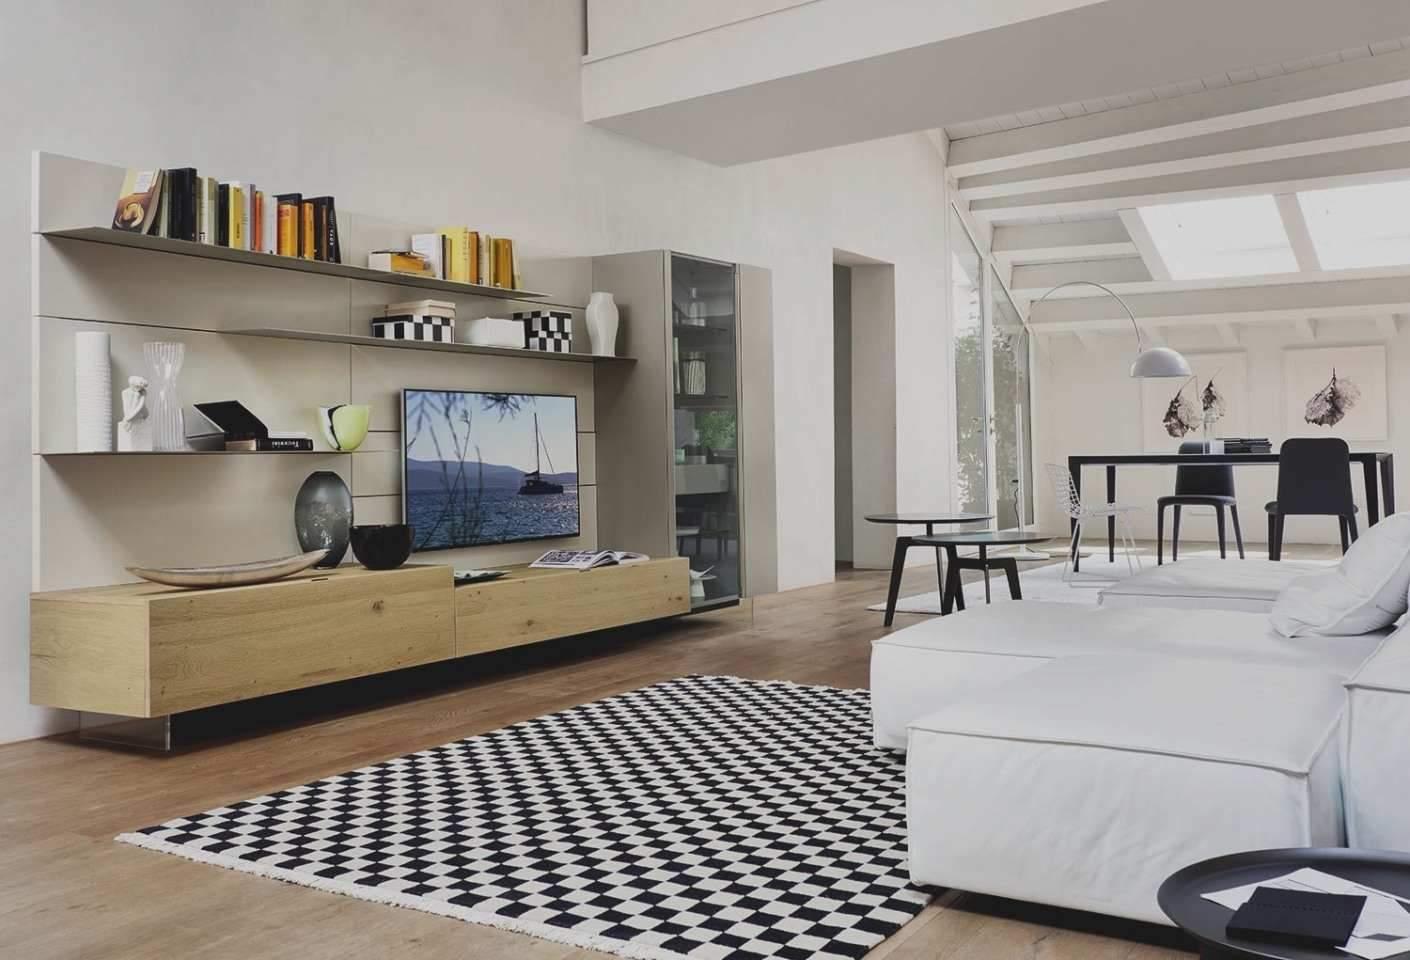 tapeten schoner wohnen einzigartig schoner wohnen farbrausch beste sch c3 b6ner kreative of tapeten schoner wohnen